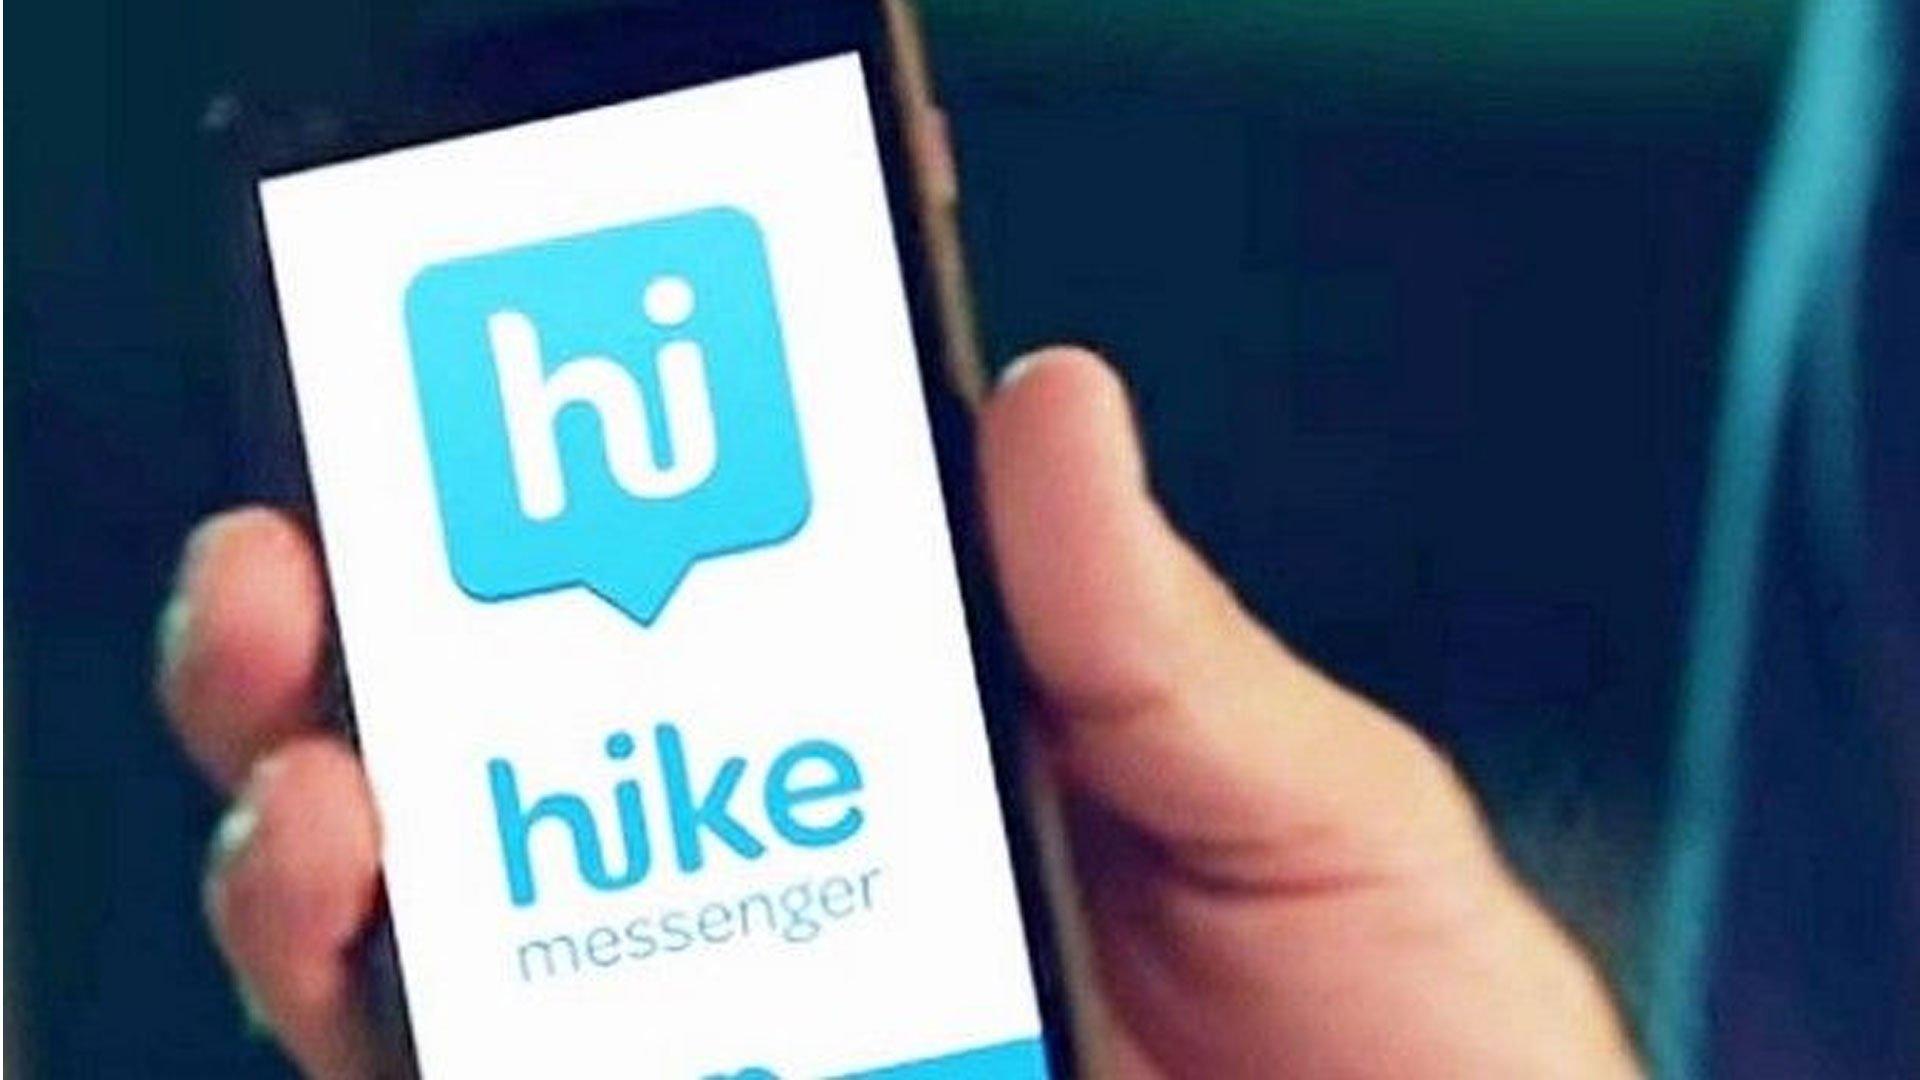 hike-messenger-motorola-iot-rajesh-rudraradhya